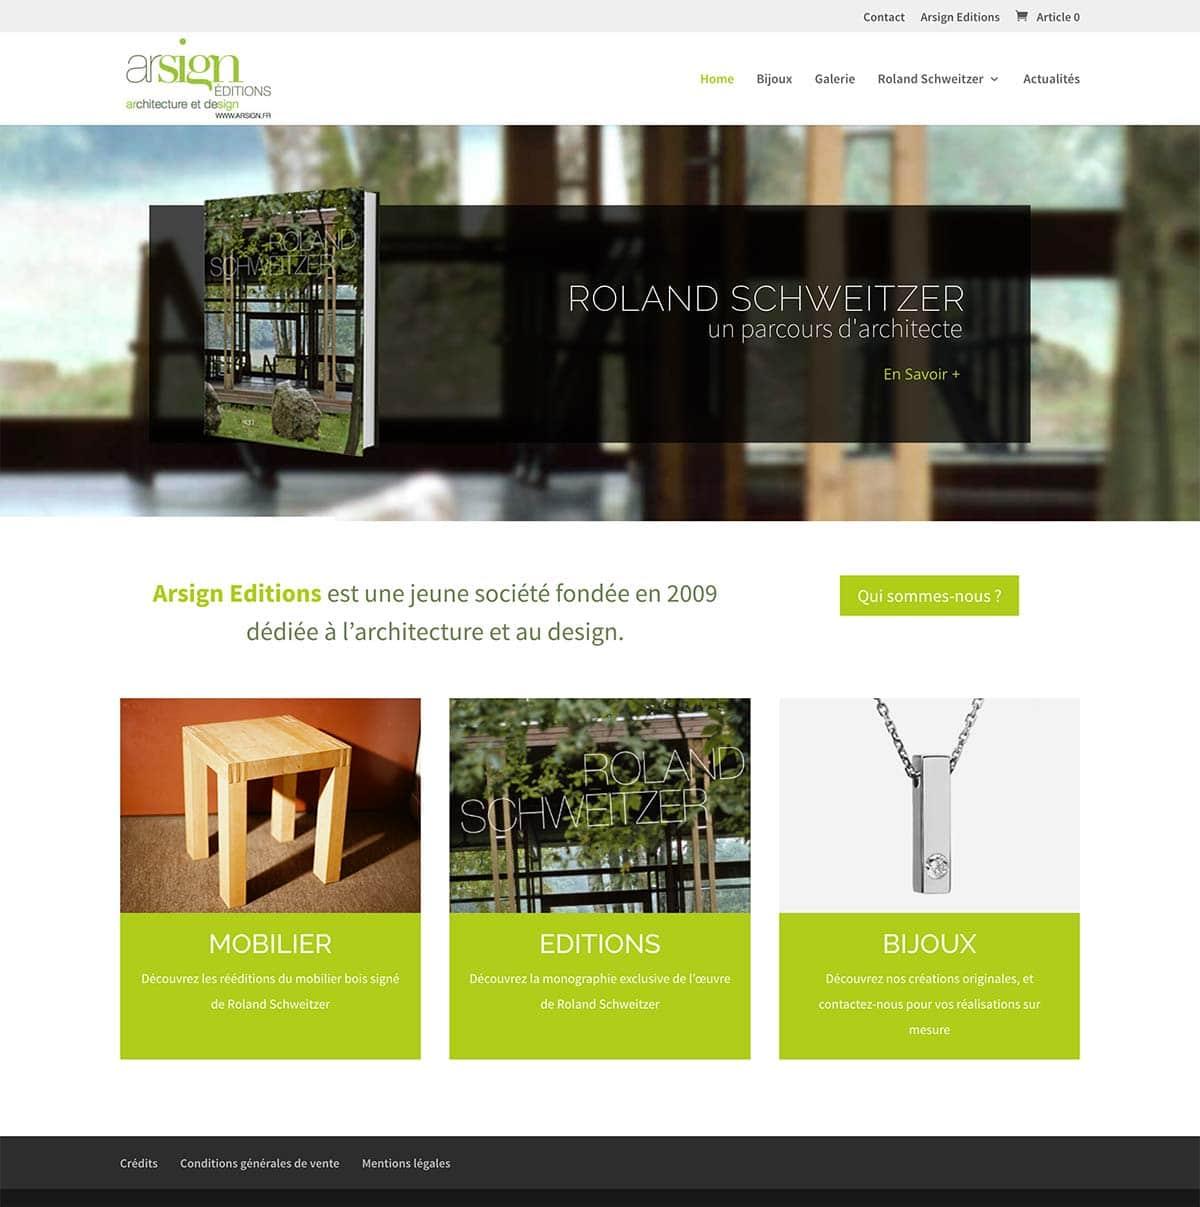 Le site web de la maison d'édition